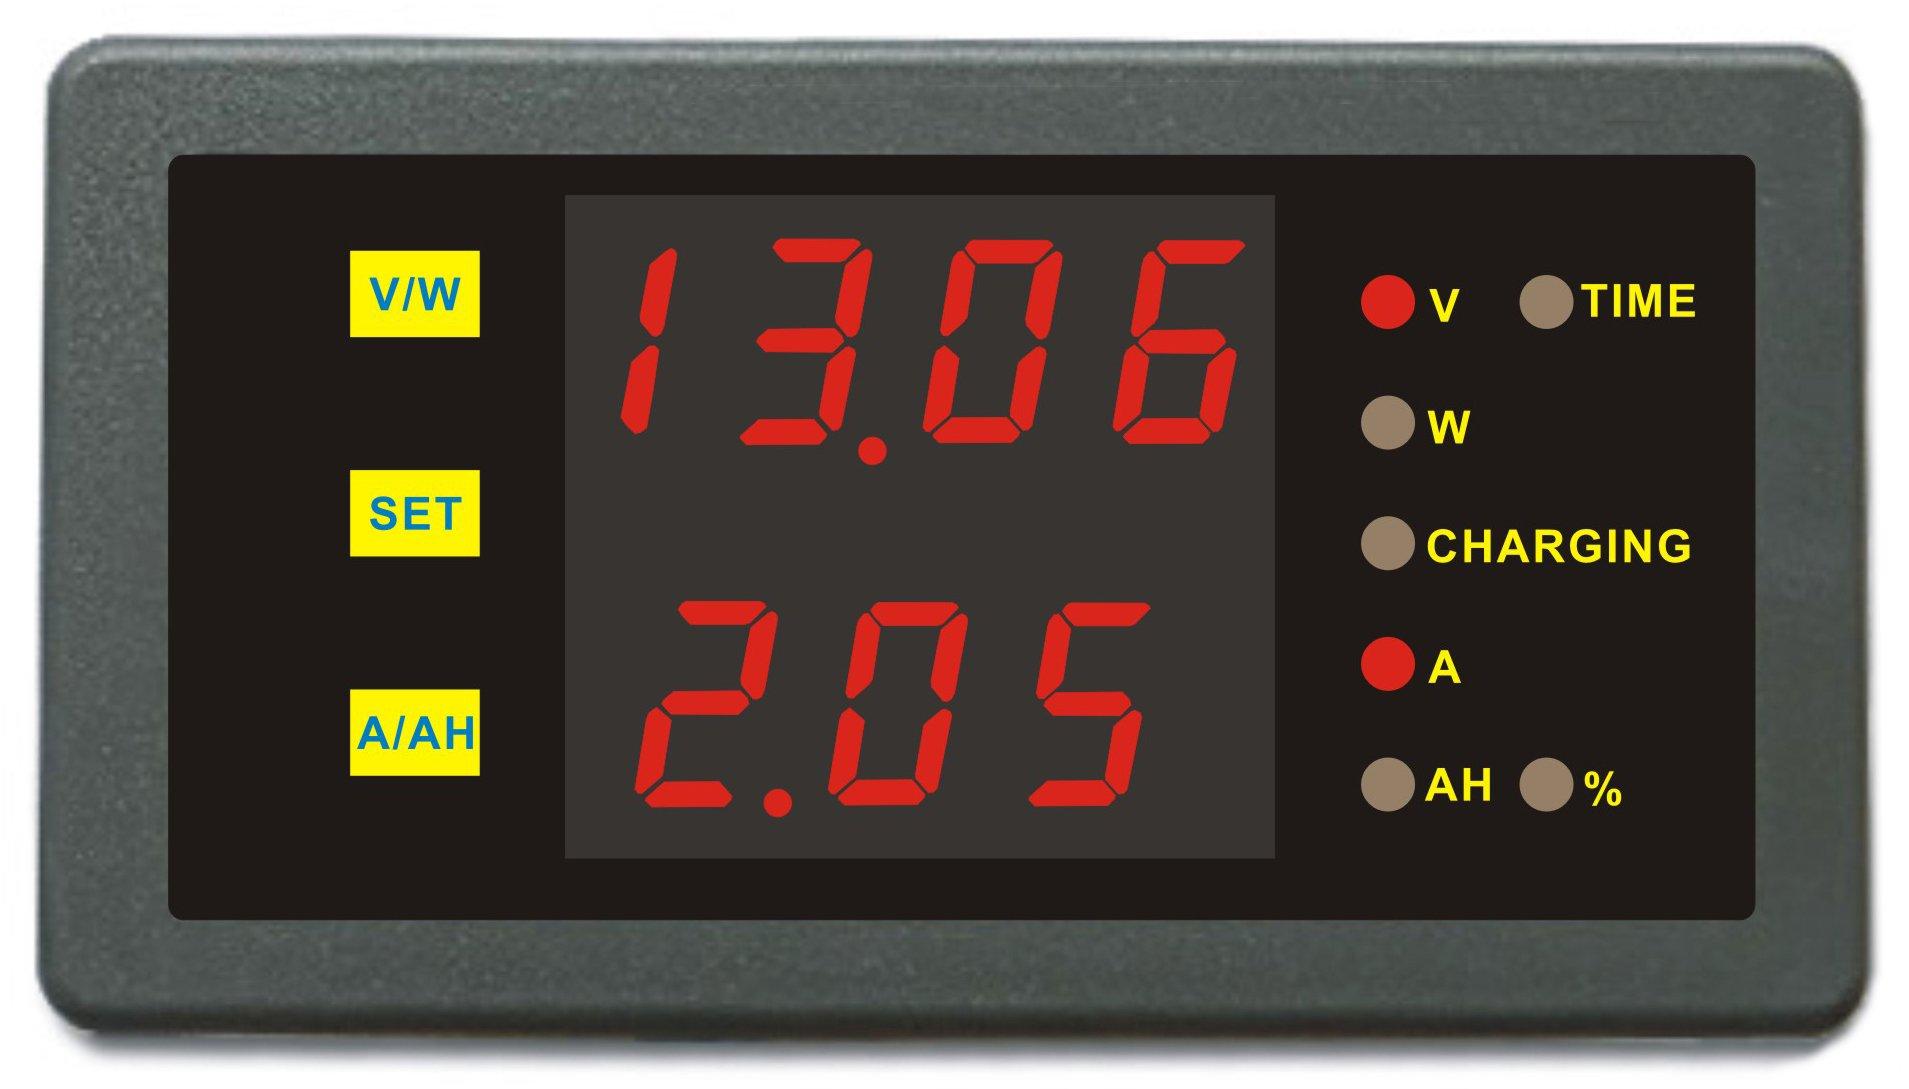 DC 0-120V 0-100A Volt Amp Ah Power Capacity Percent Battery Monitor Watt Meter 50A 150A 200A 250A 300A 400A 500A 600A 750A 1000A Shunt (0-120.0V,0-500.0A)